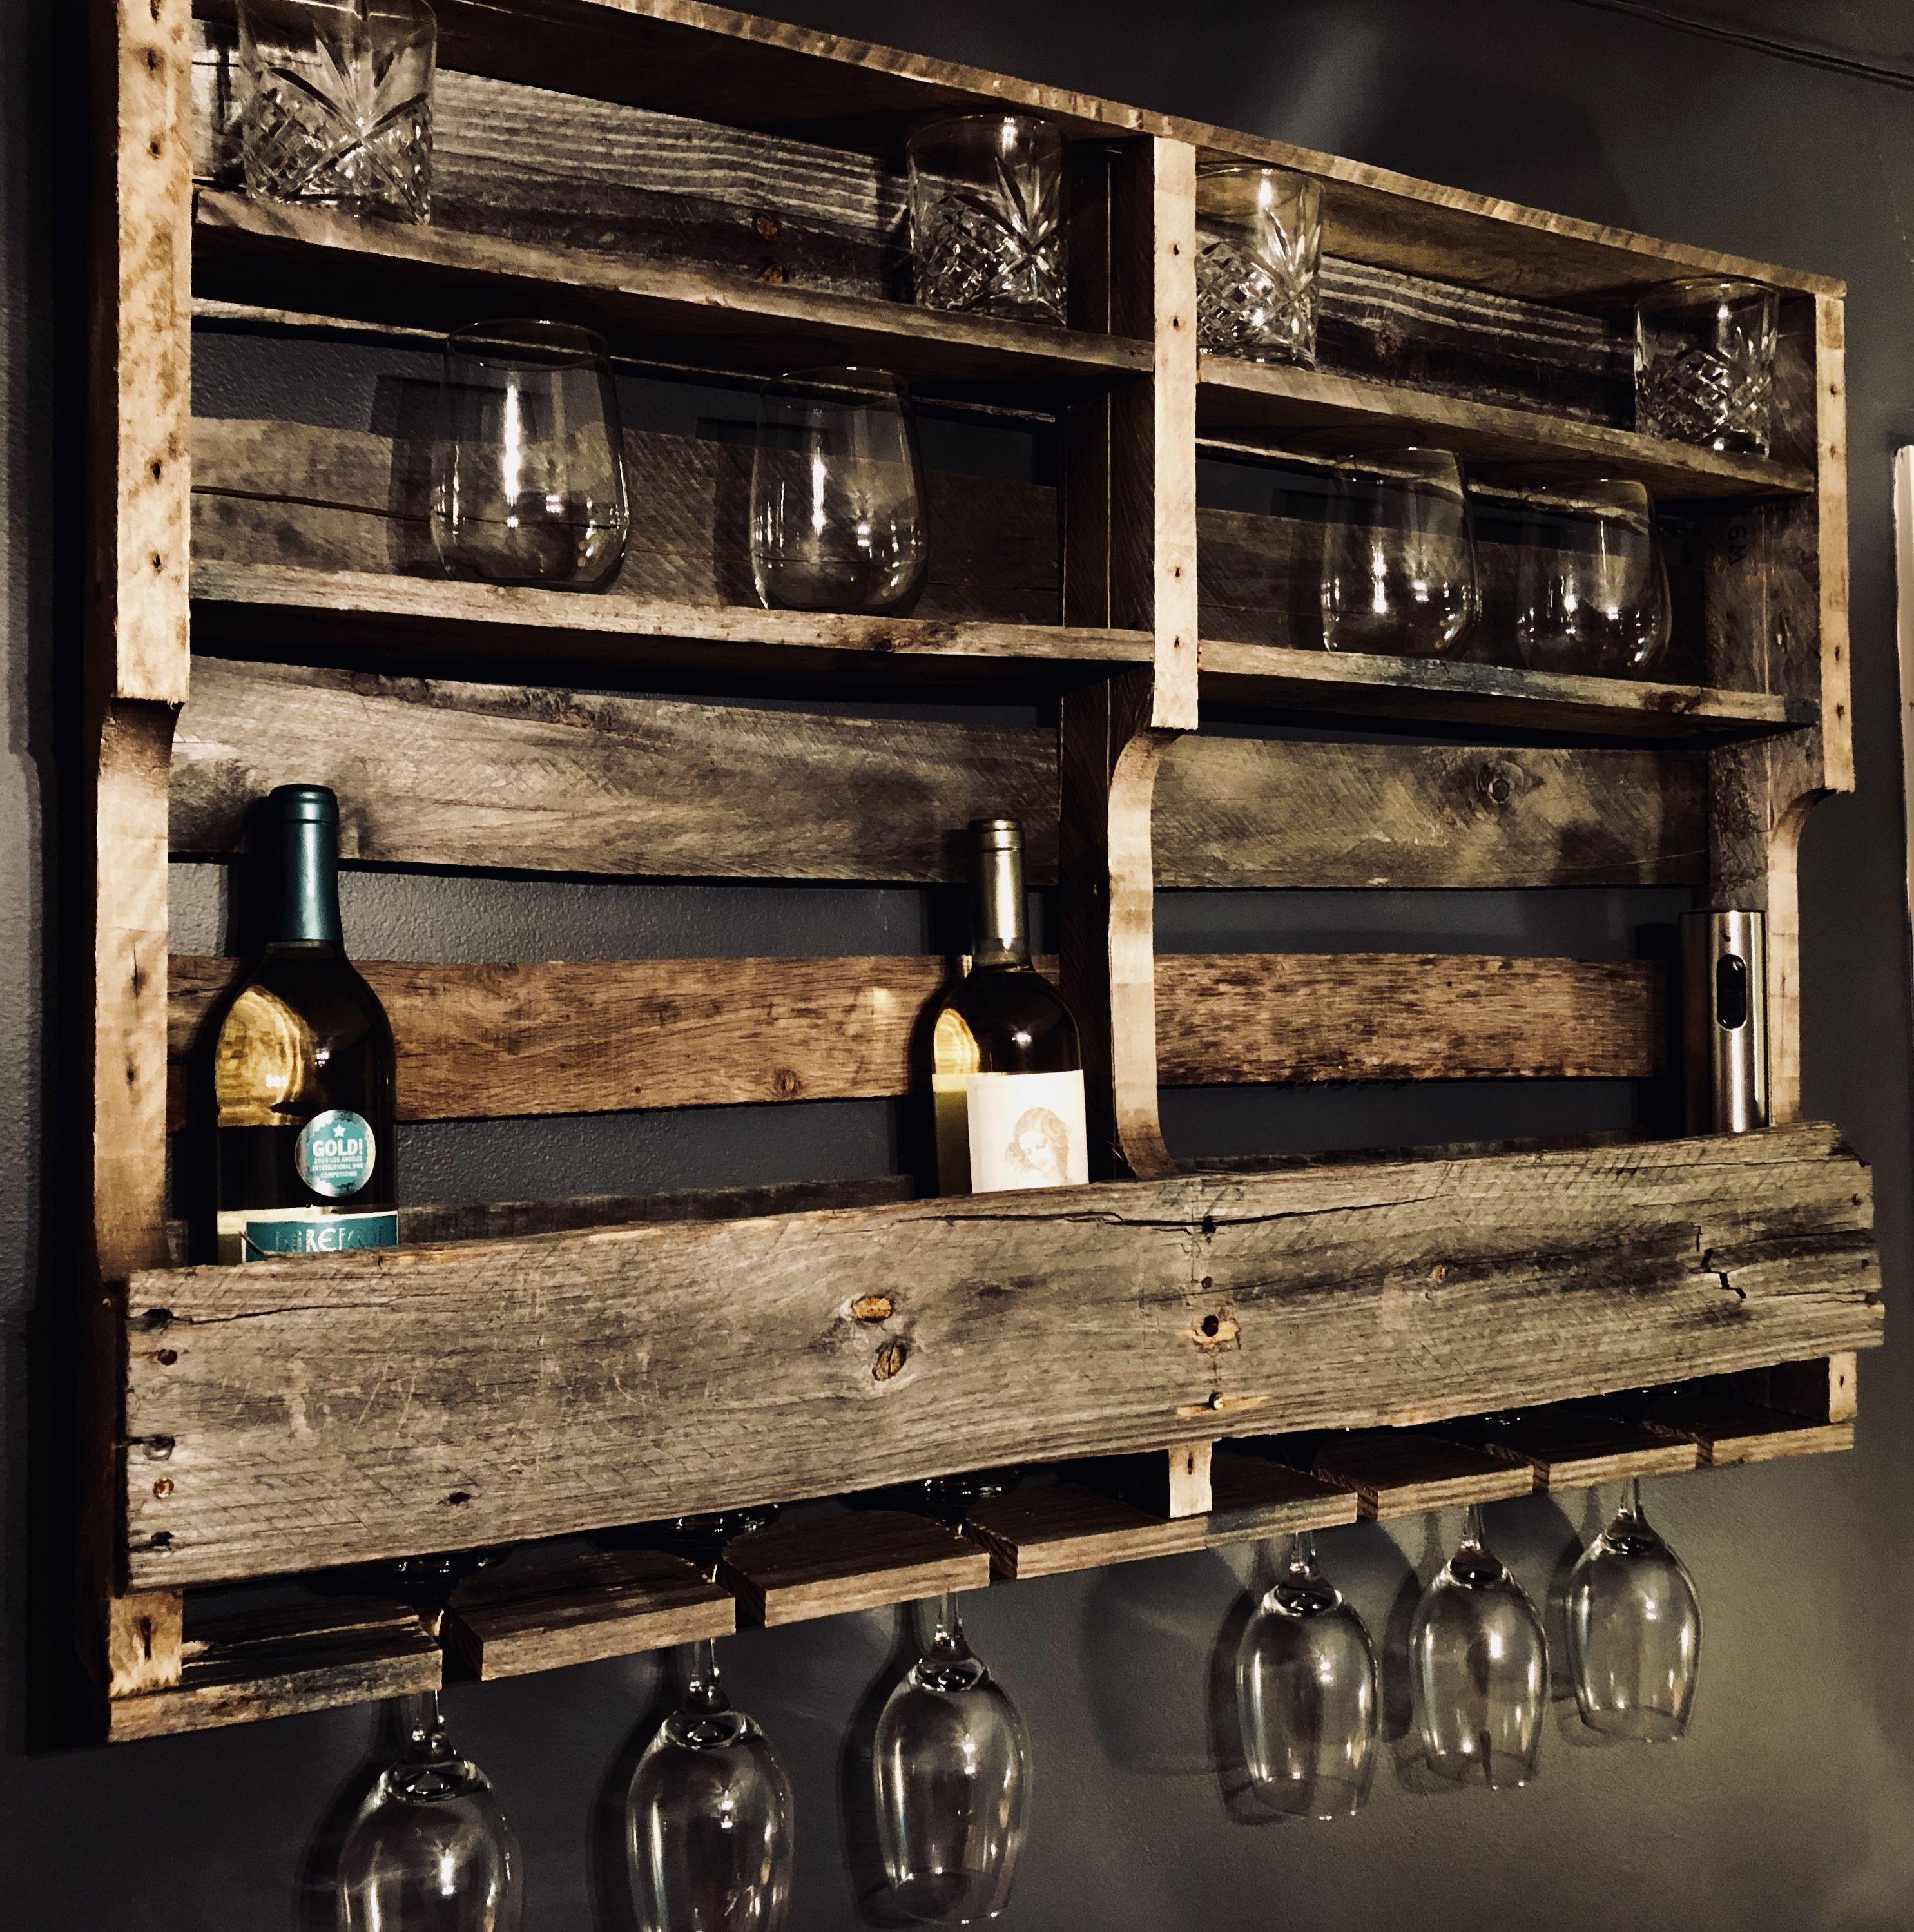 diy pallet wine rack diy projects pallet wine rack diy. Black Bedroom Furniture Sets. Home Design Ideas